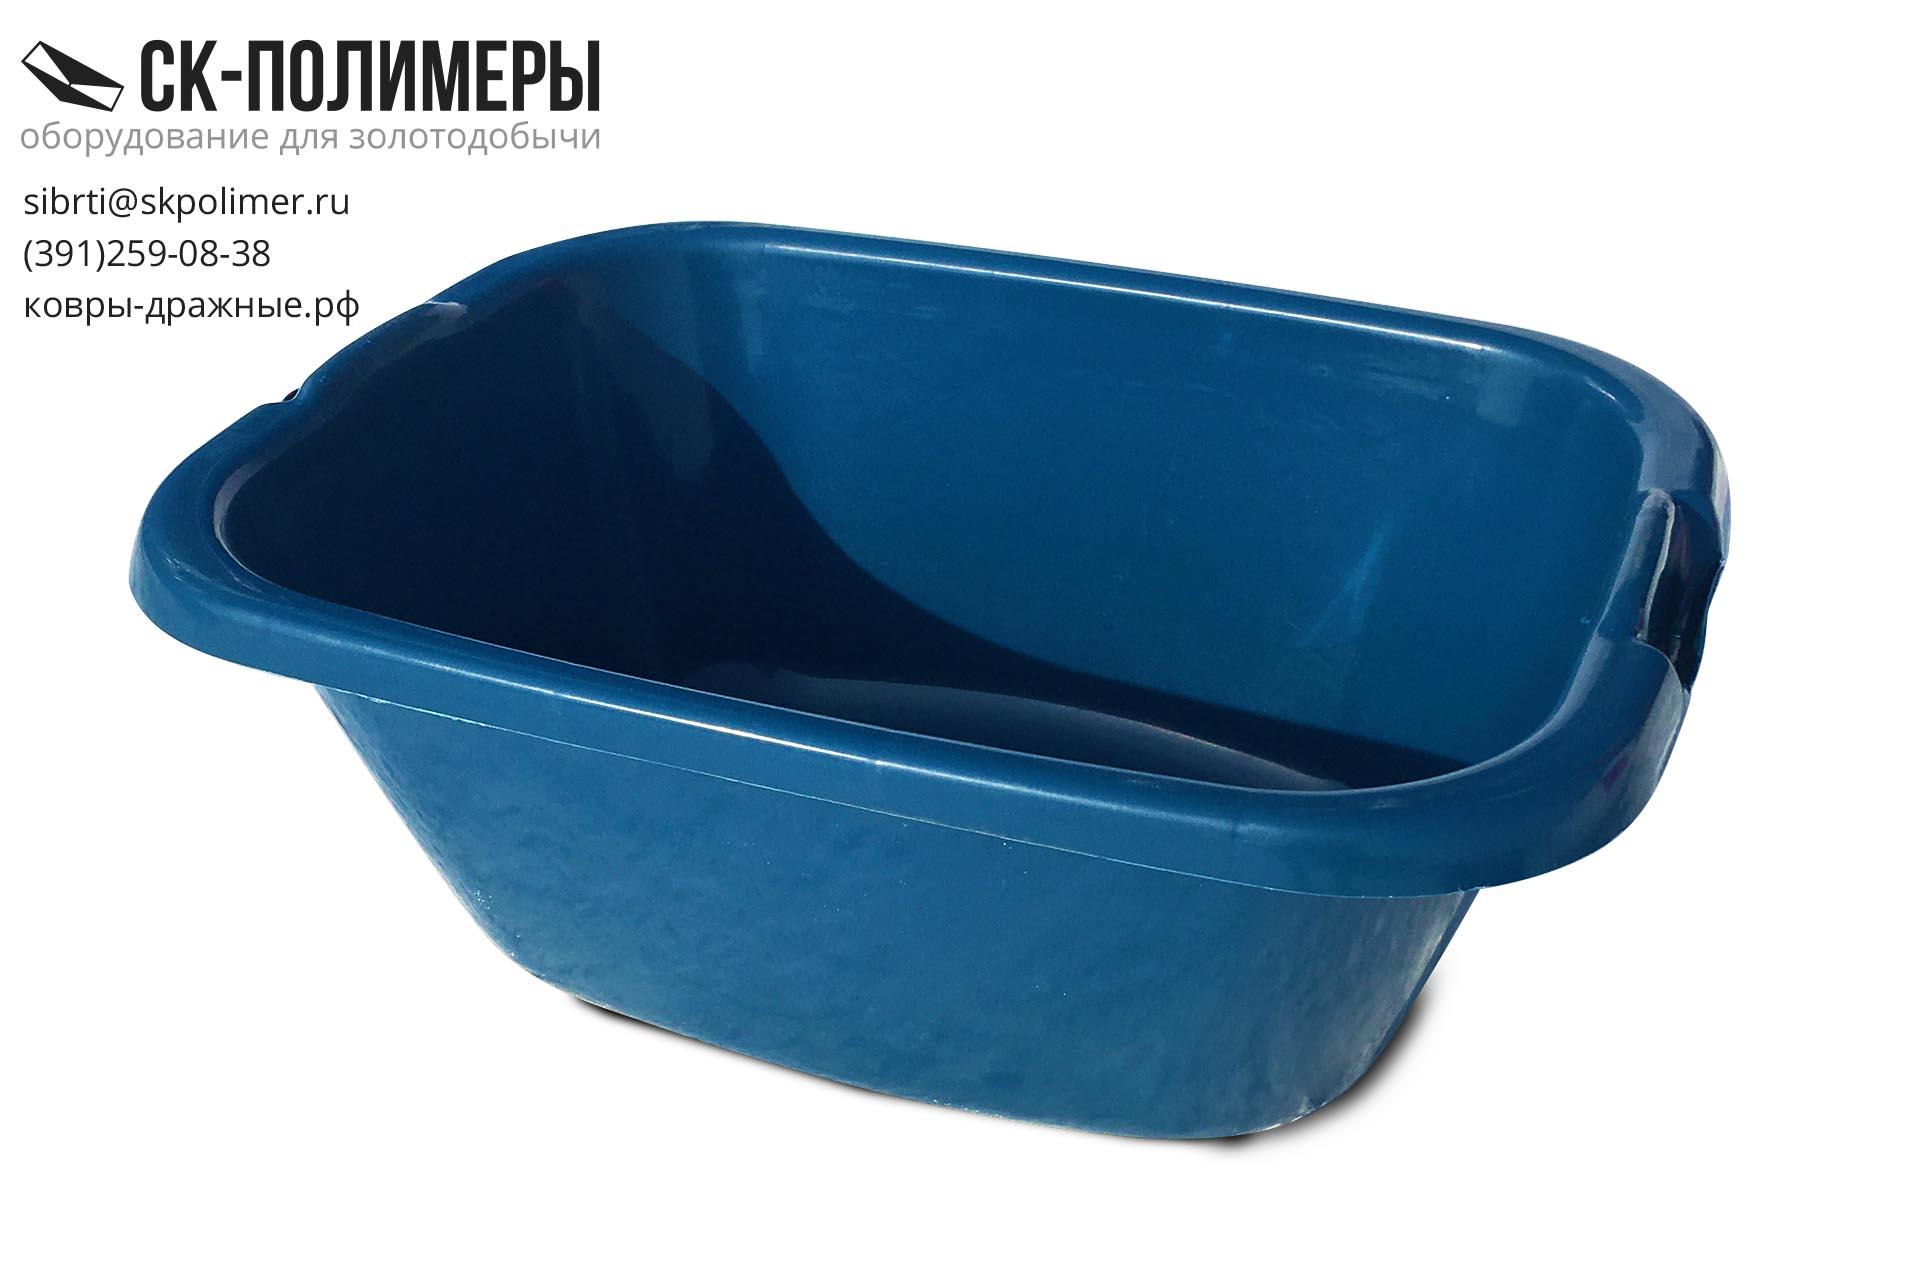 Тазик синего цвета пластиковый